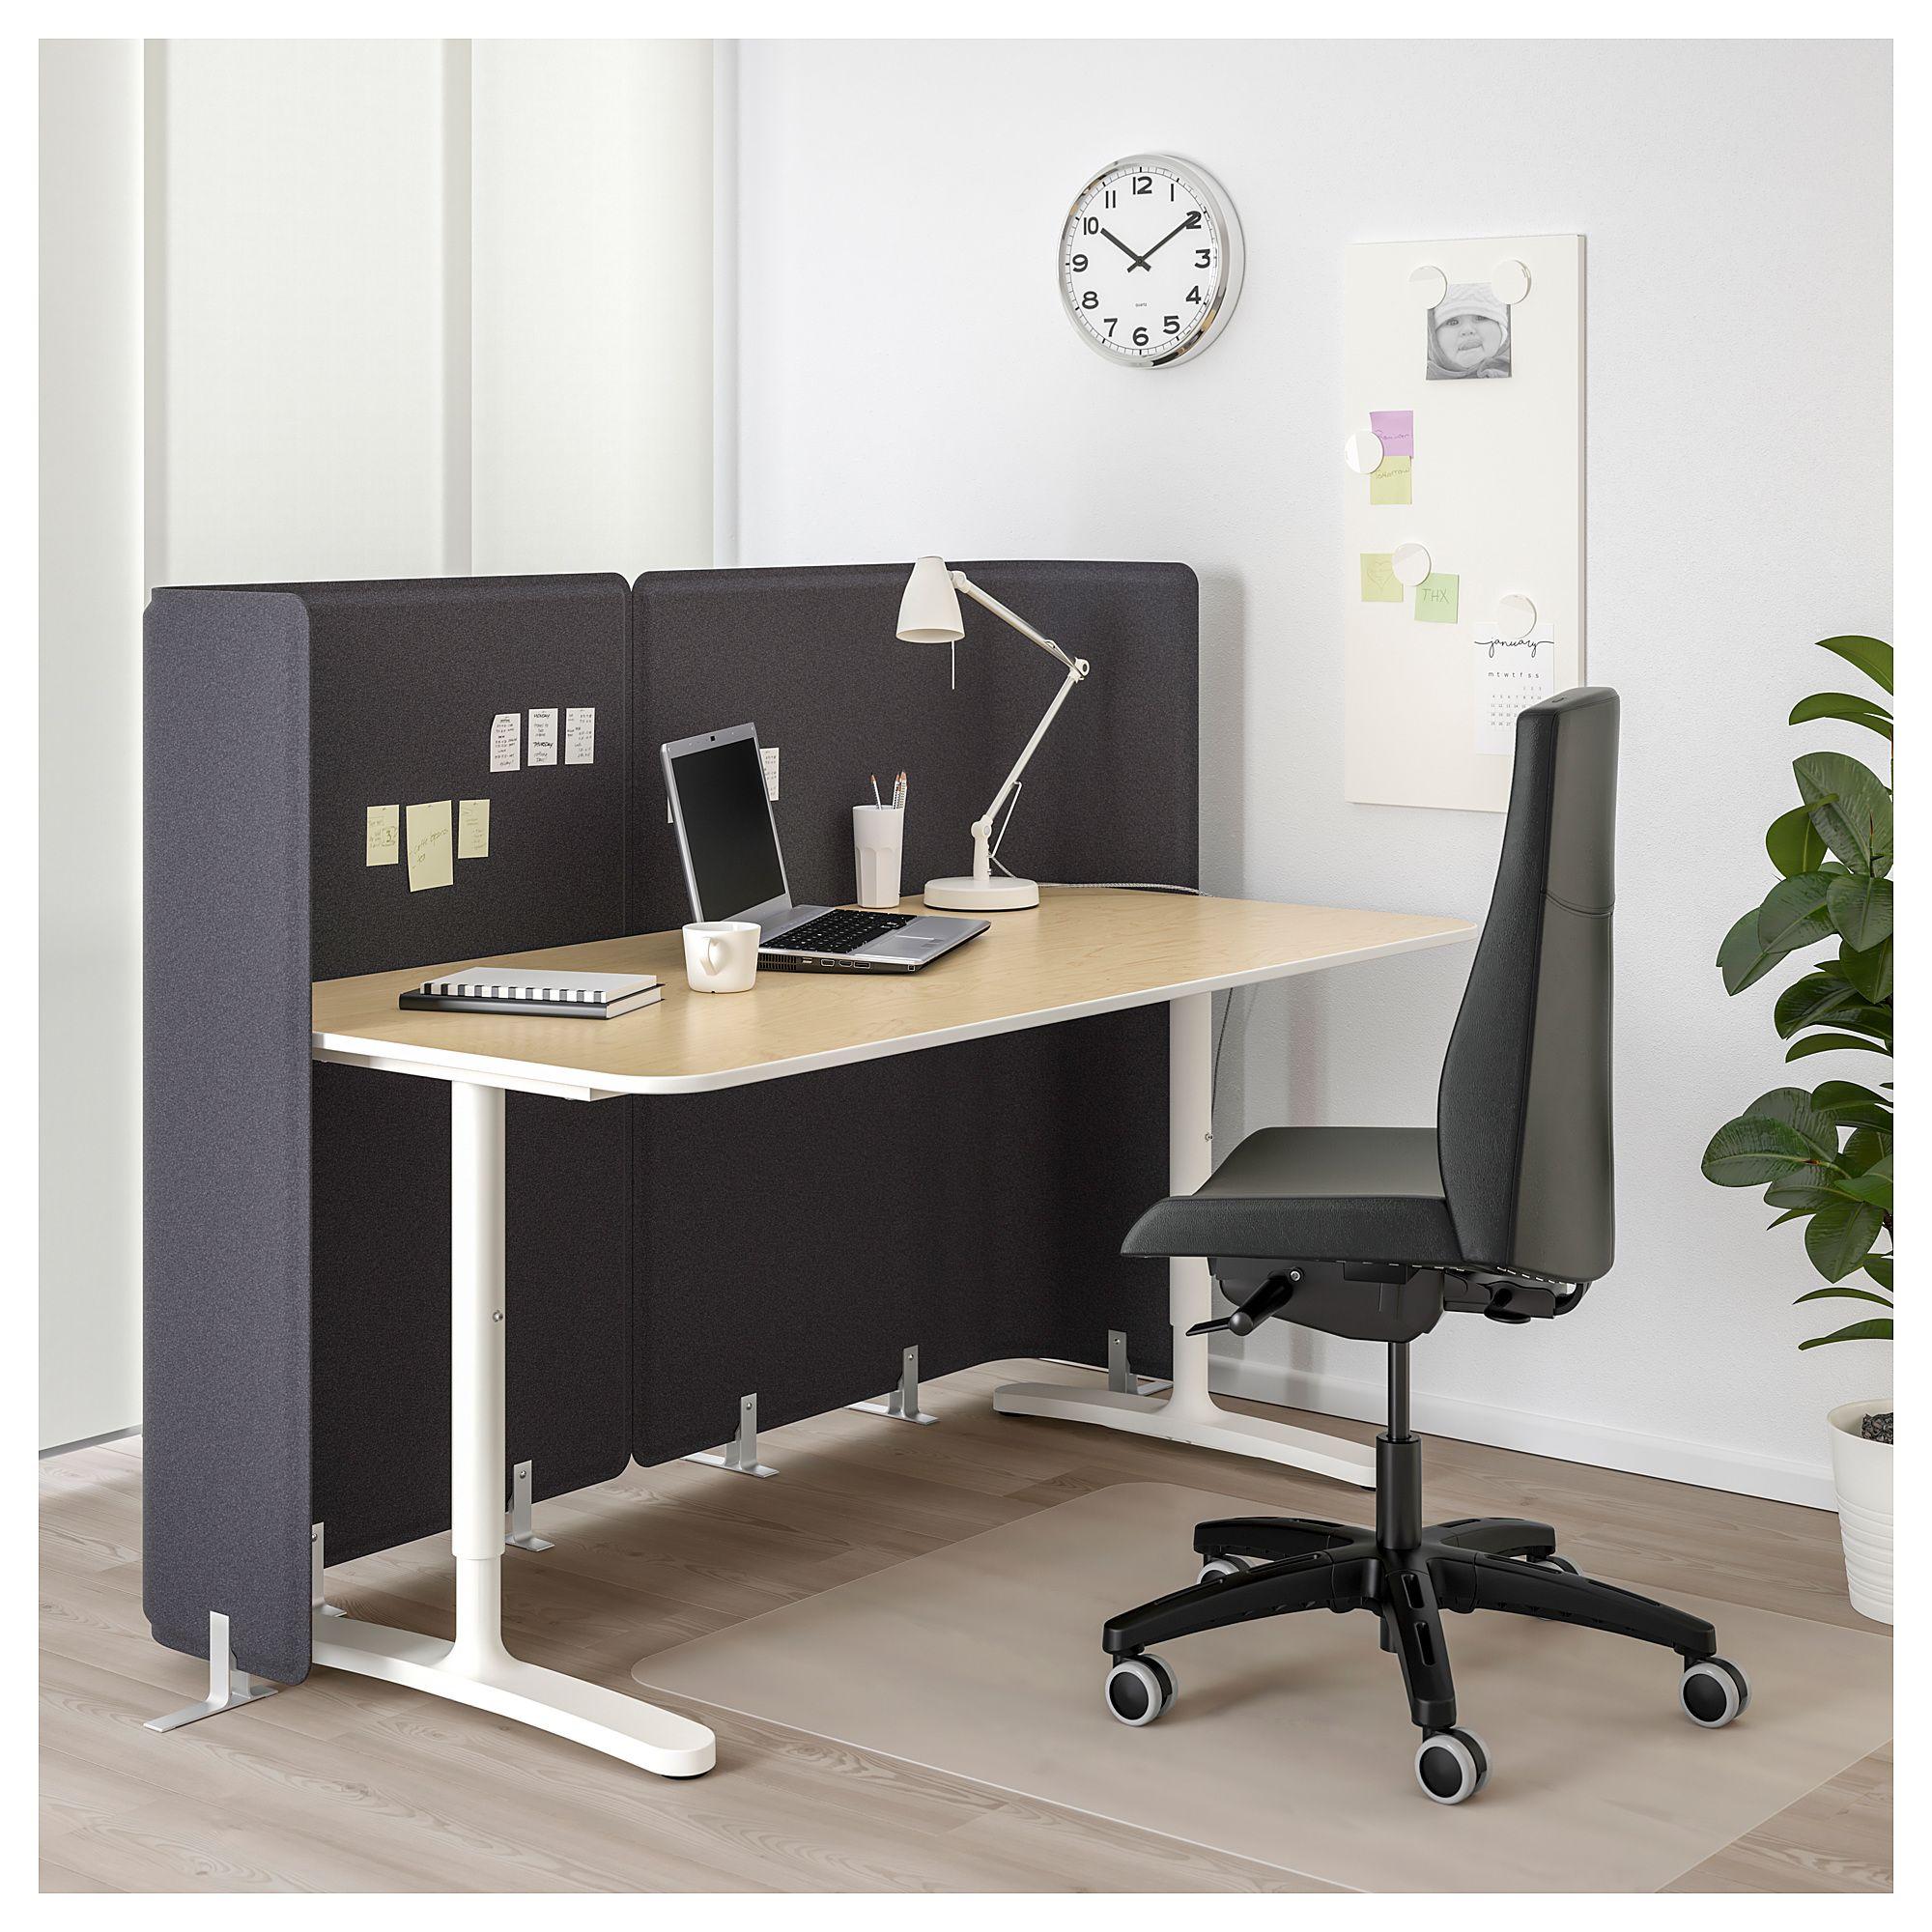 Furniture and Home Furnishings Ikea bekant, Black desk